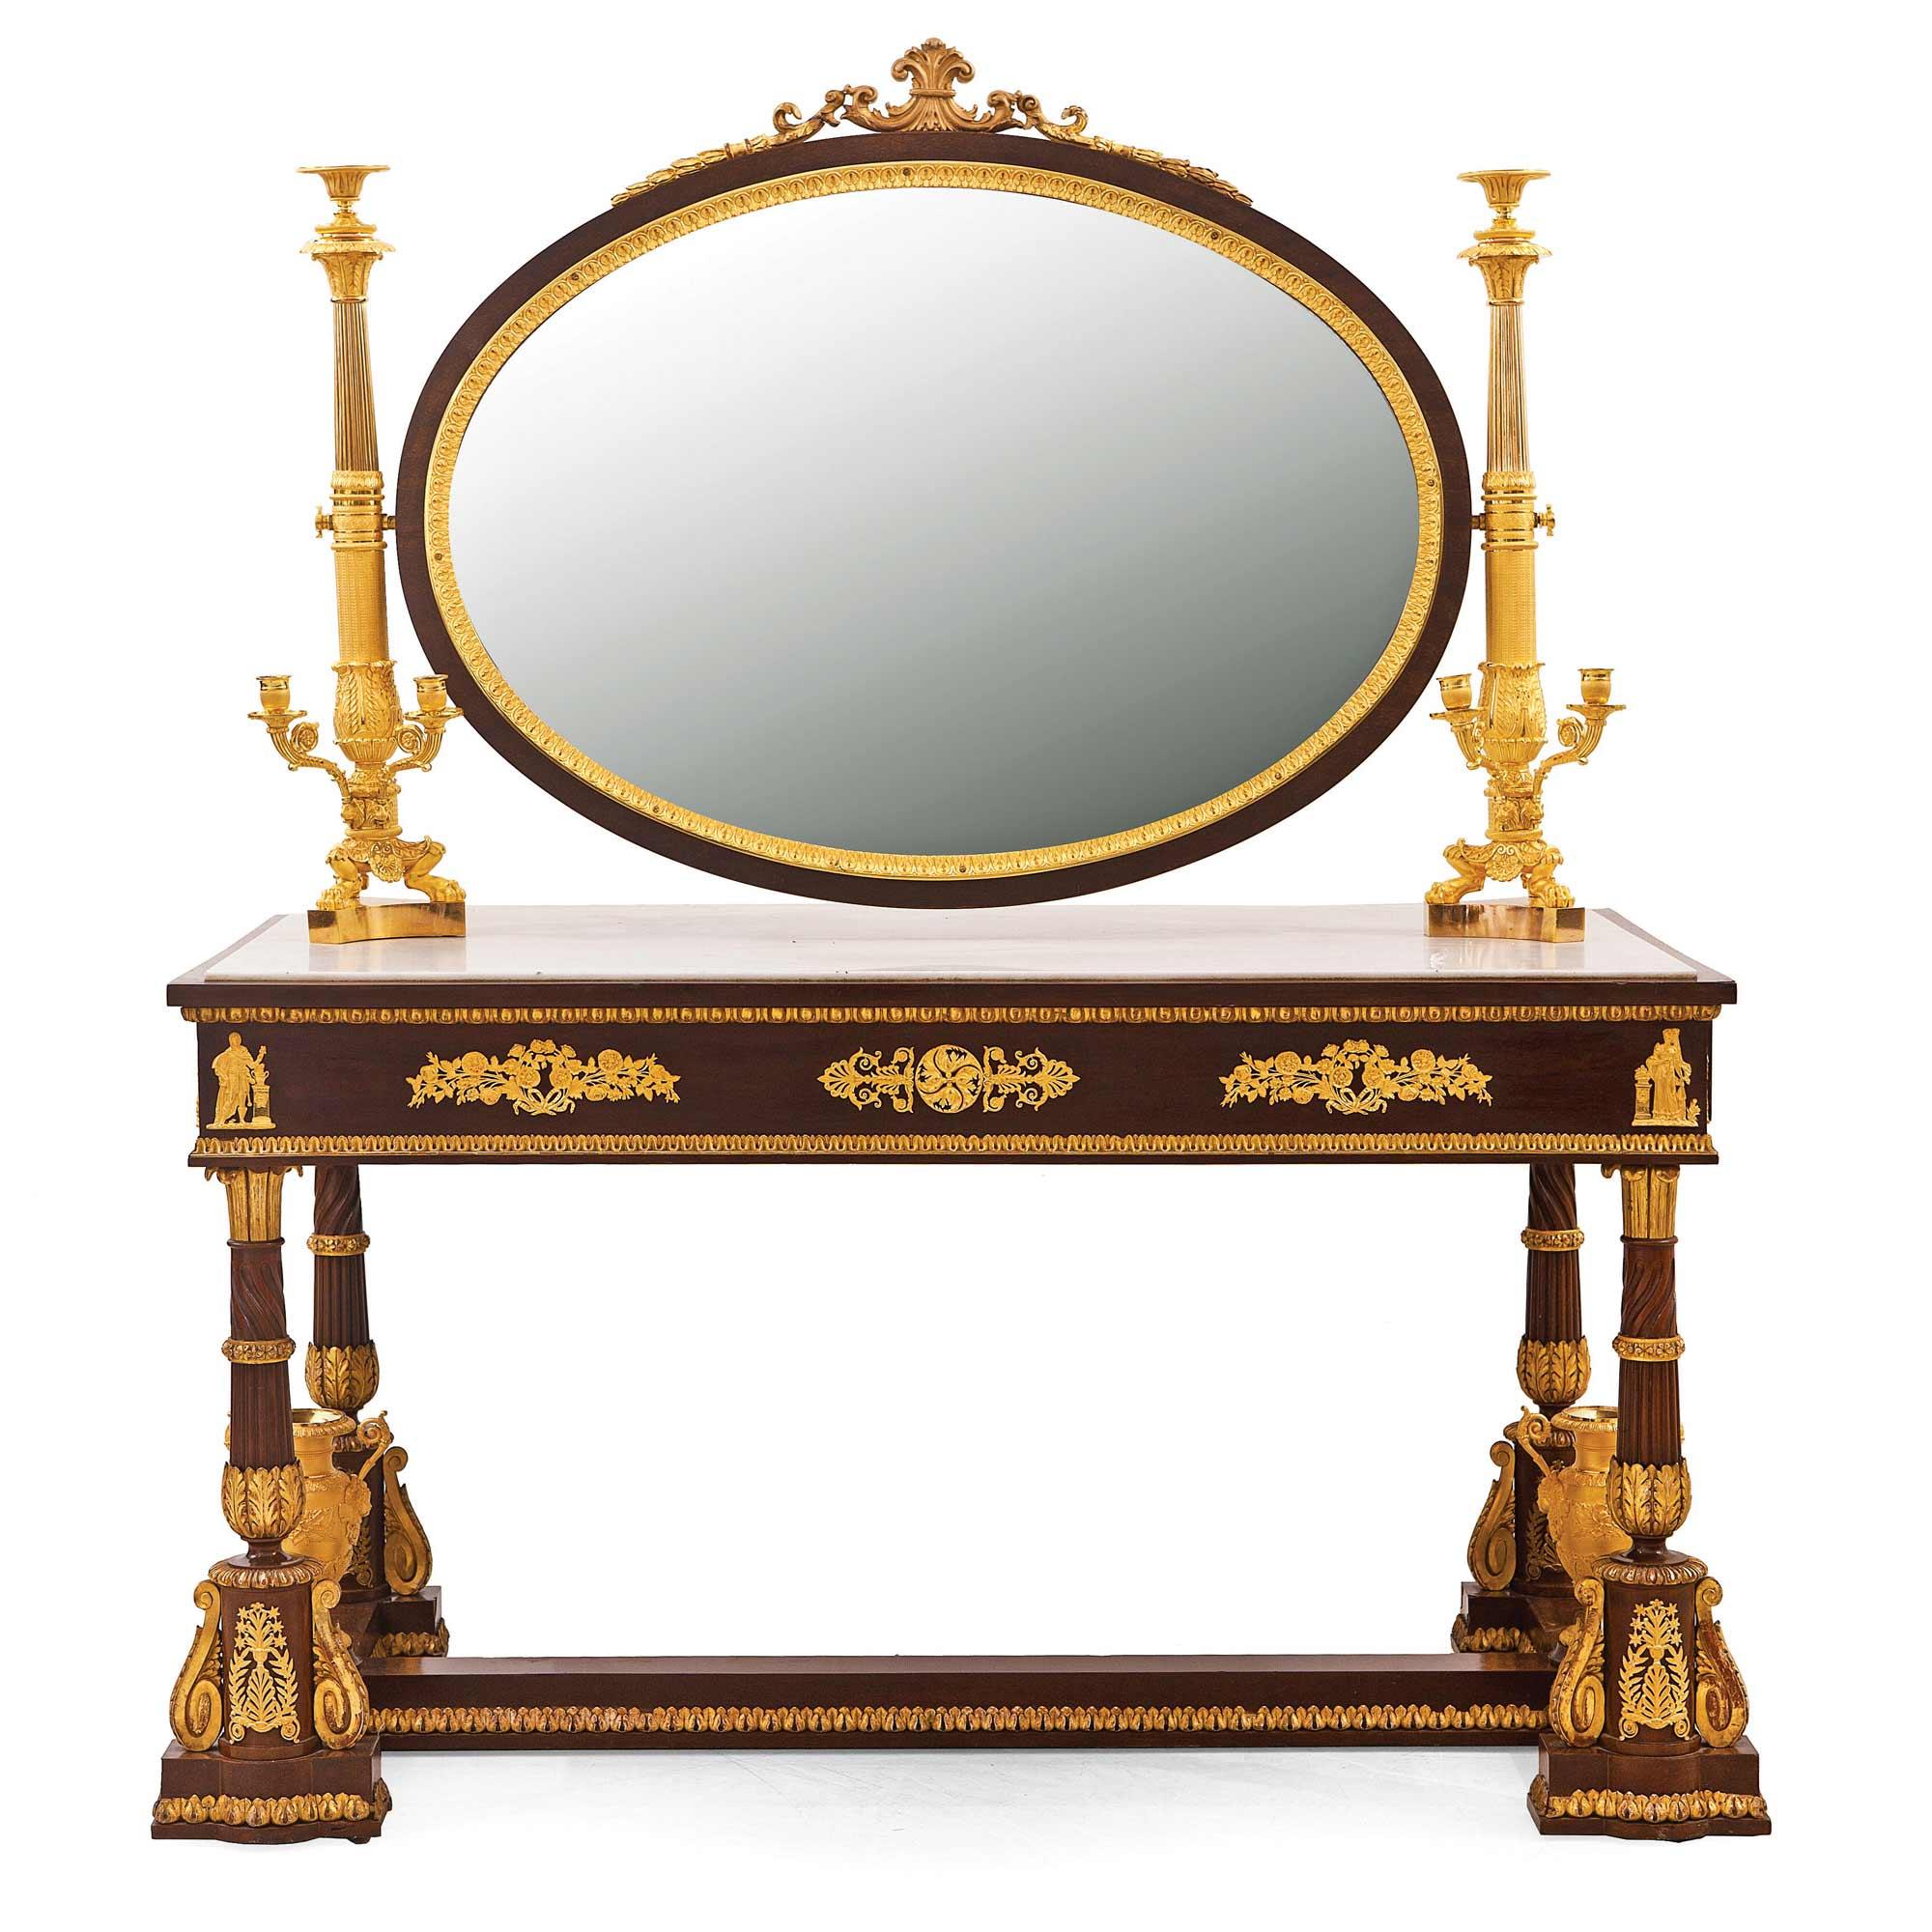 1395-Tocador-estilo-Imperio,-época-Napoleón-III,-en-madera-de-caoba,-dorada,-con-aplicaciones-de-bronce-dorado-y-mármol,-Francia,-segunda-mitad-S.-XIX.02